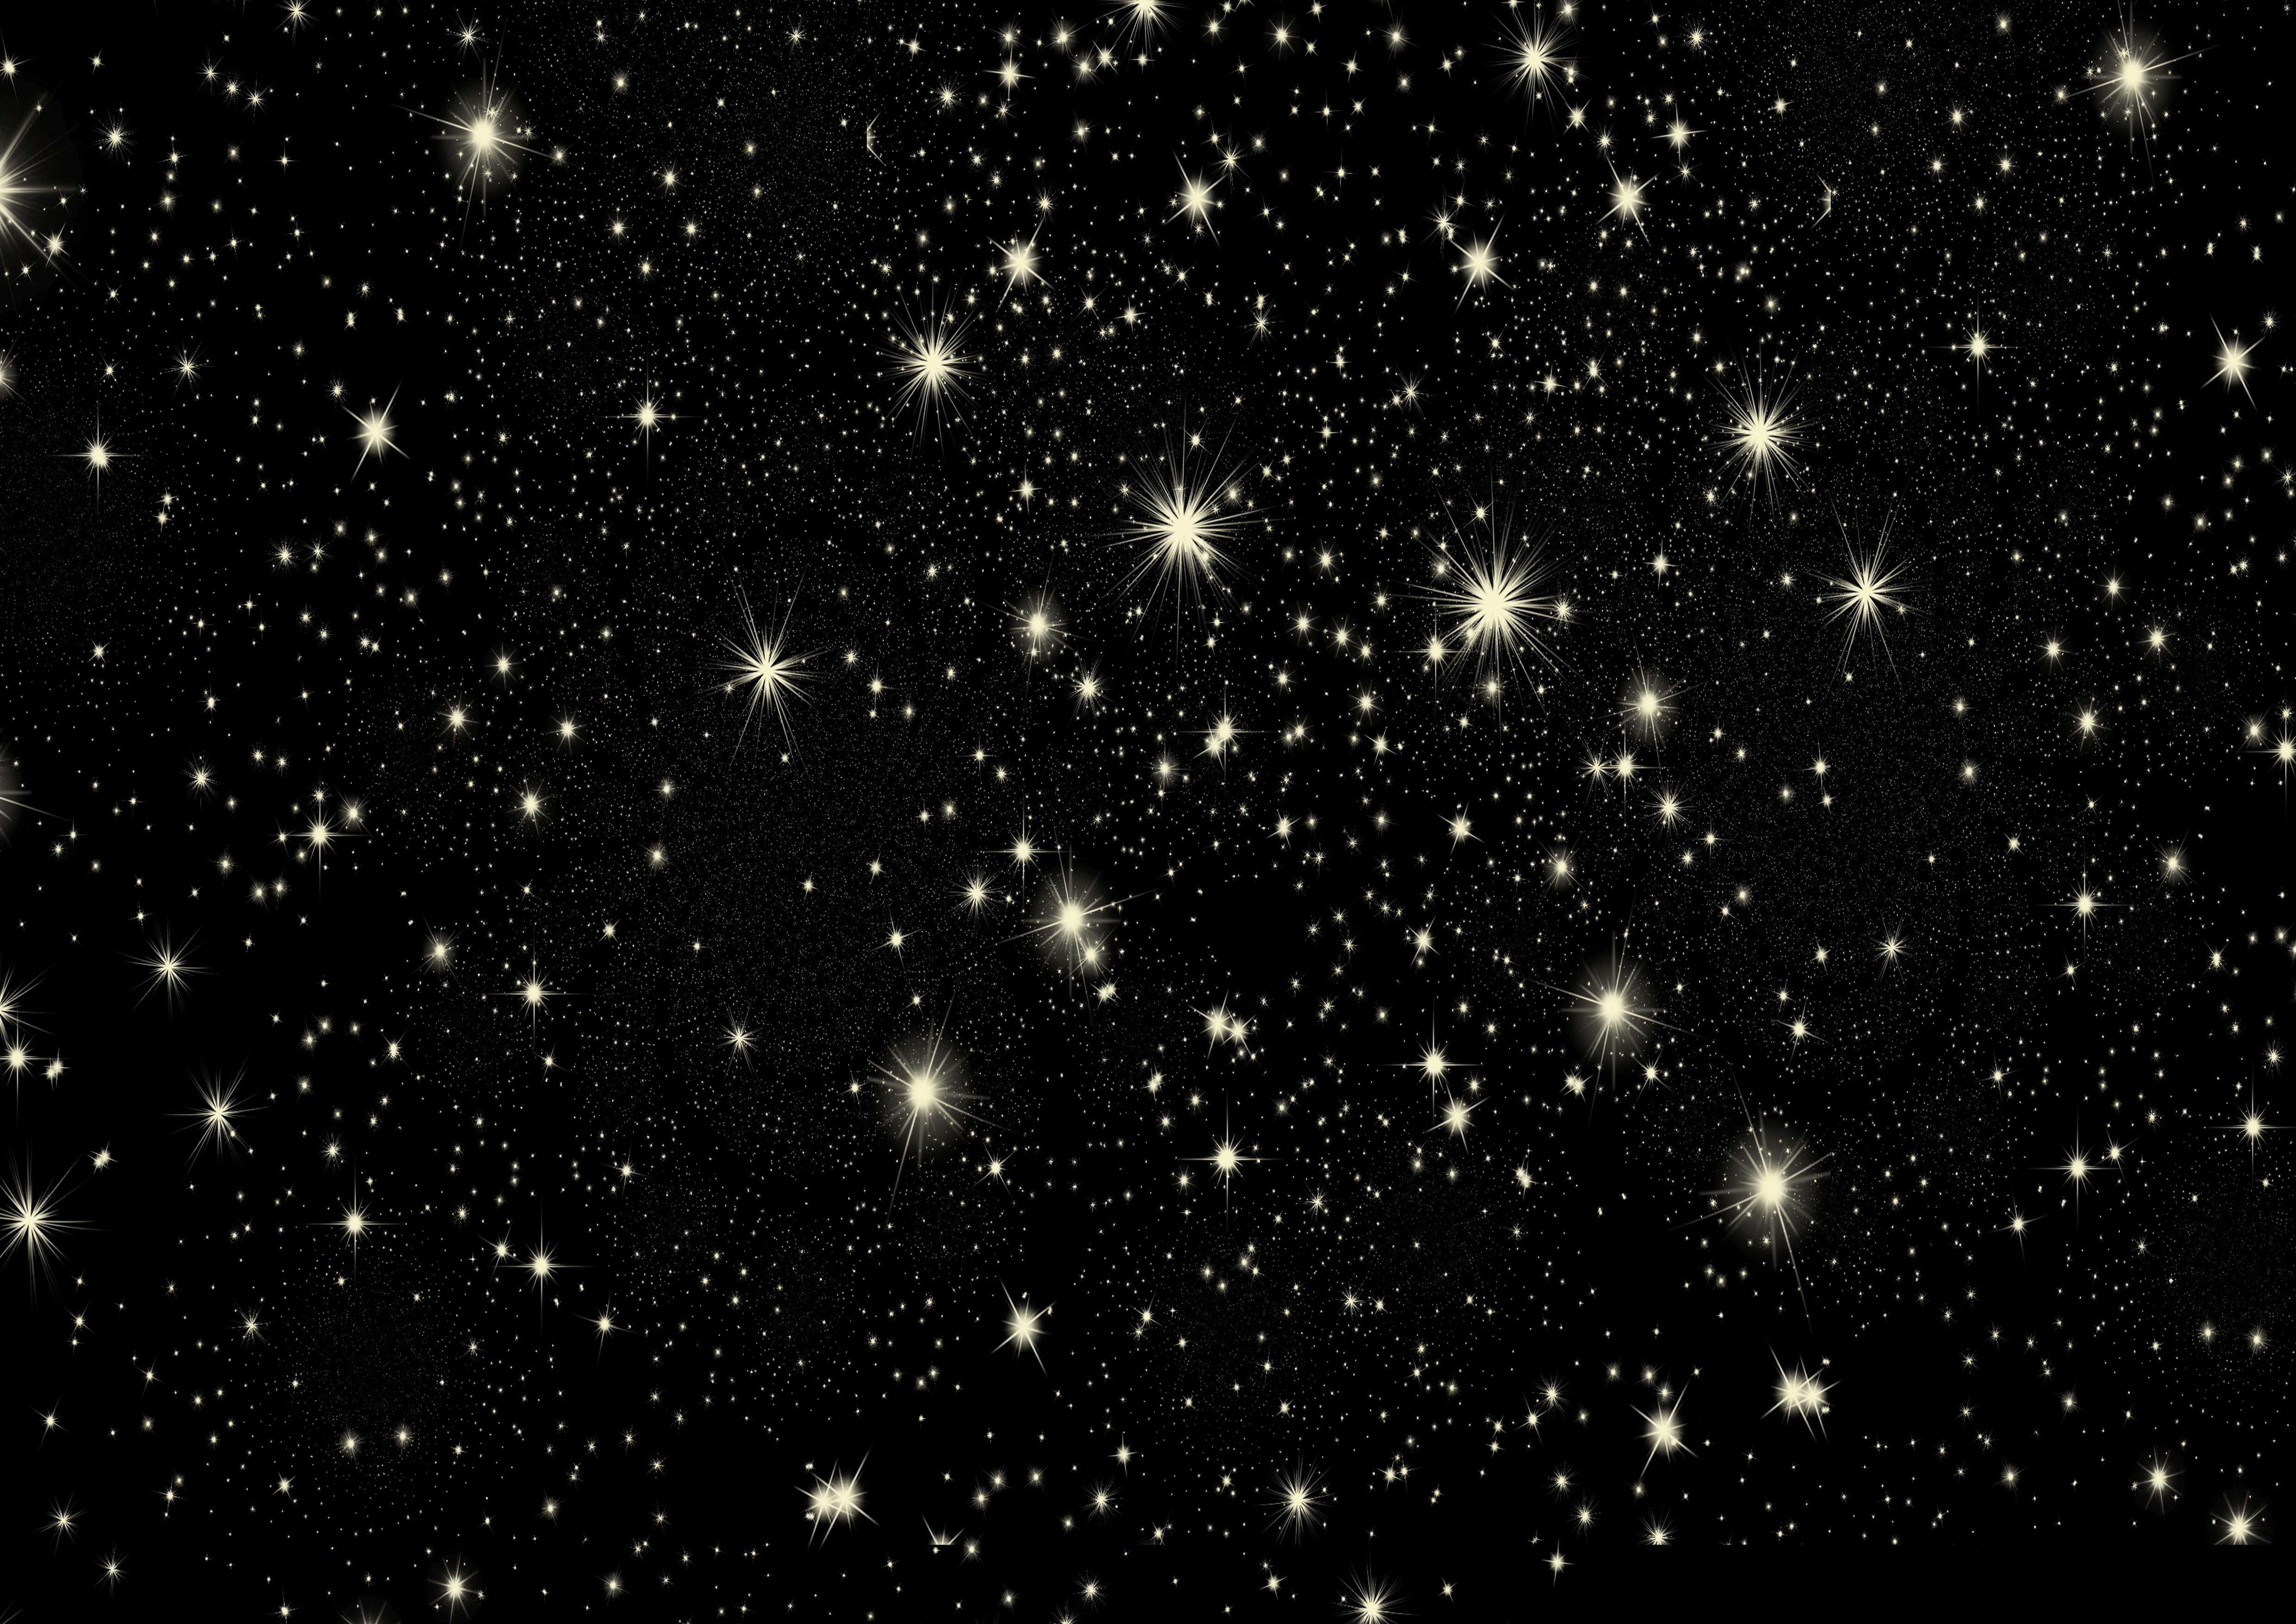 123021 Hintergrundbild herunterladen Sterne, Schein, Patterns, Dunkel, Scheinen, Brillanz, Punkte, Punkt, Star - Bildschirmschoner und Bilder kostenlos